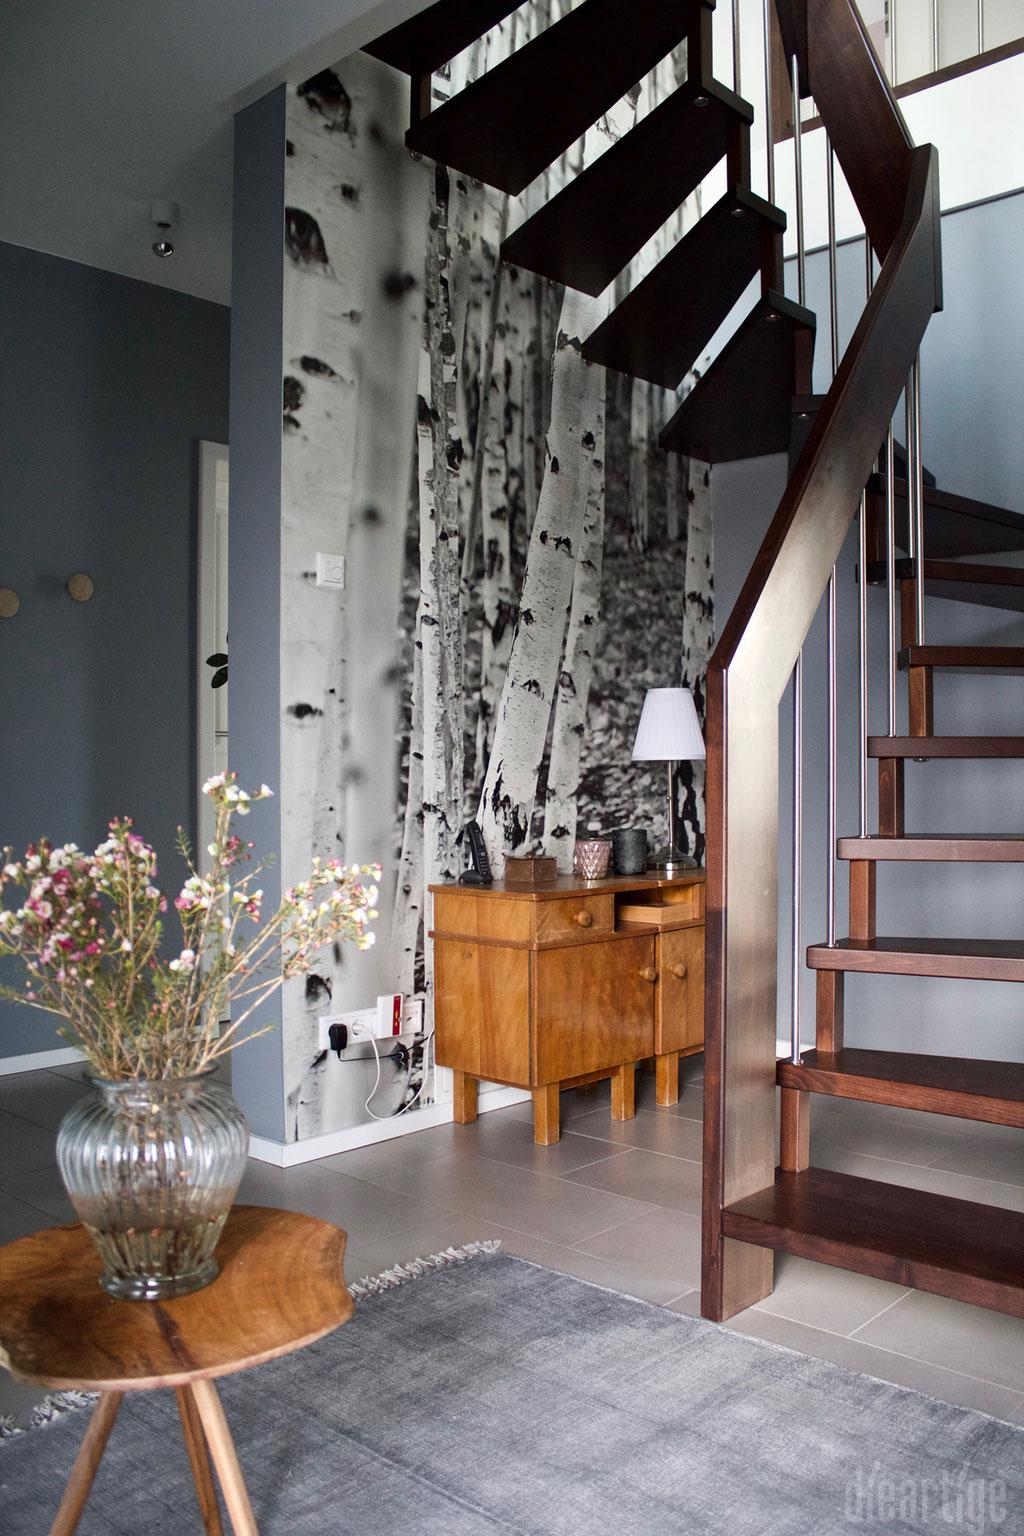 Fam. Z. | Treppe | Fototapete Birkenmotiv | Graue Wand